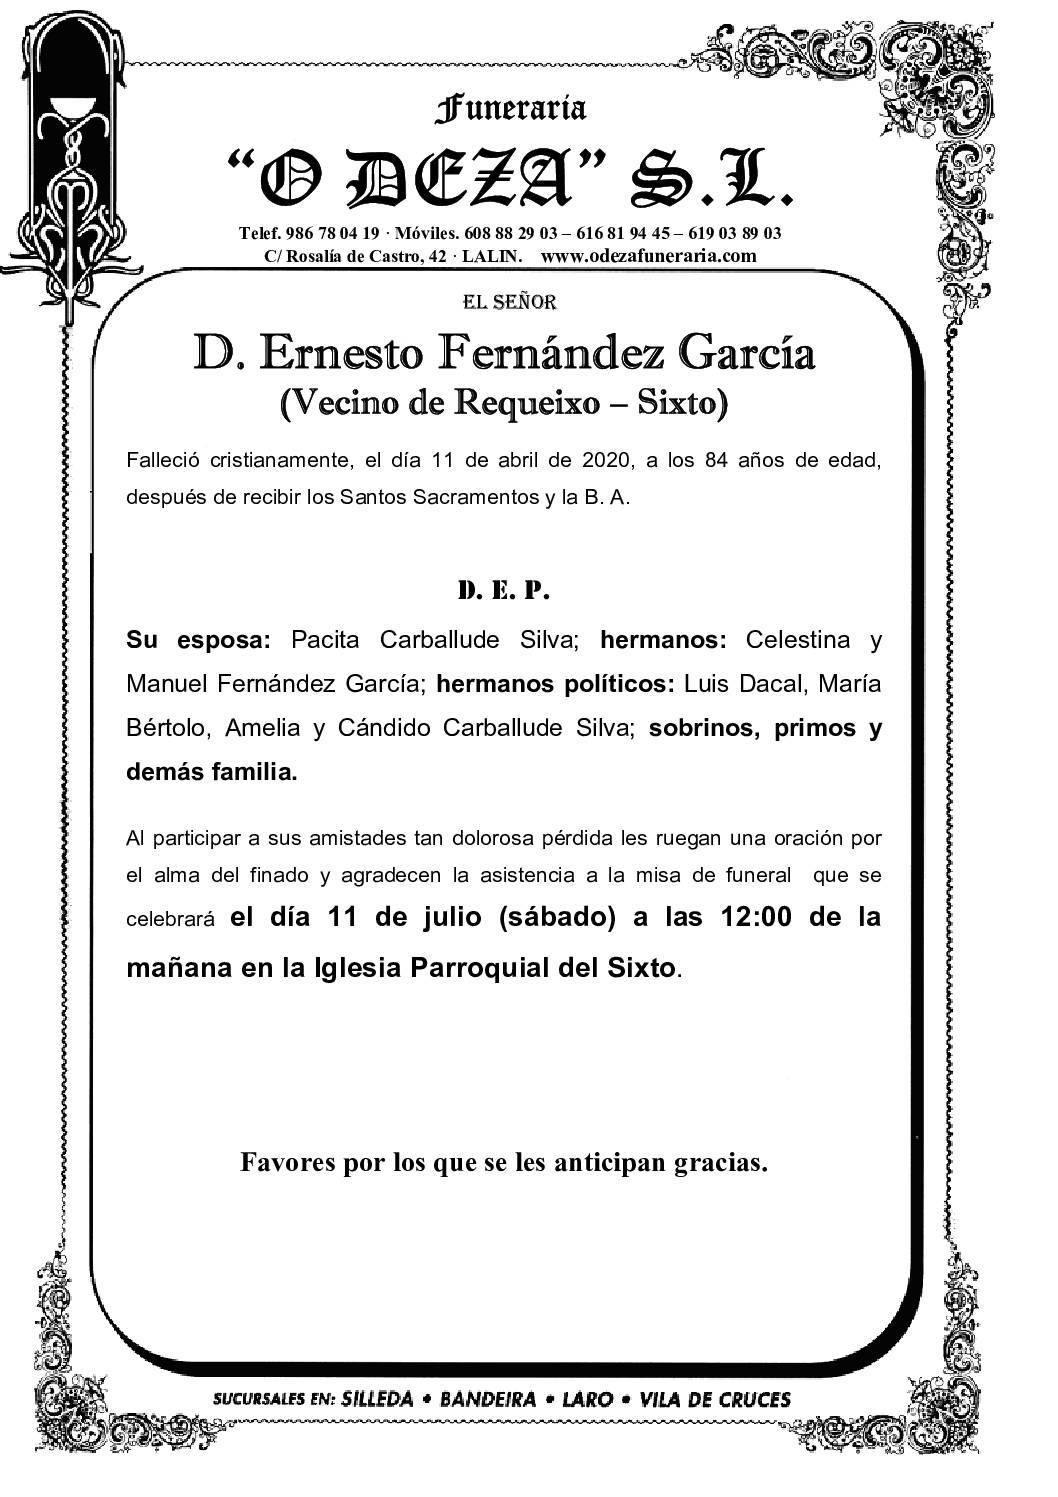 D. ERNESTO FERNÁNDEZ GARCÍA